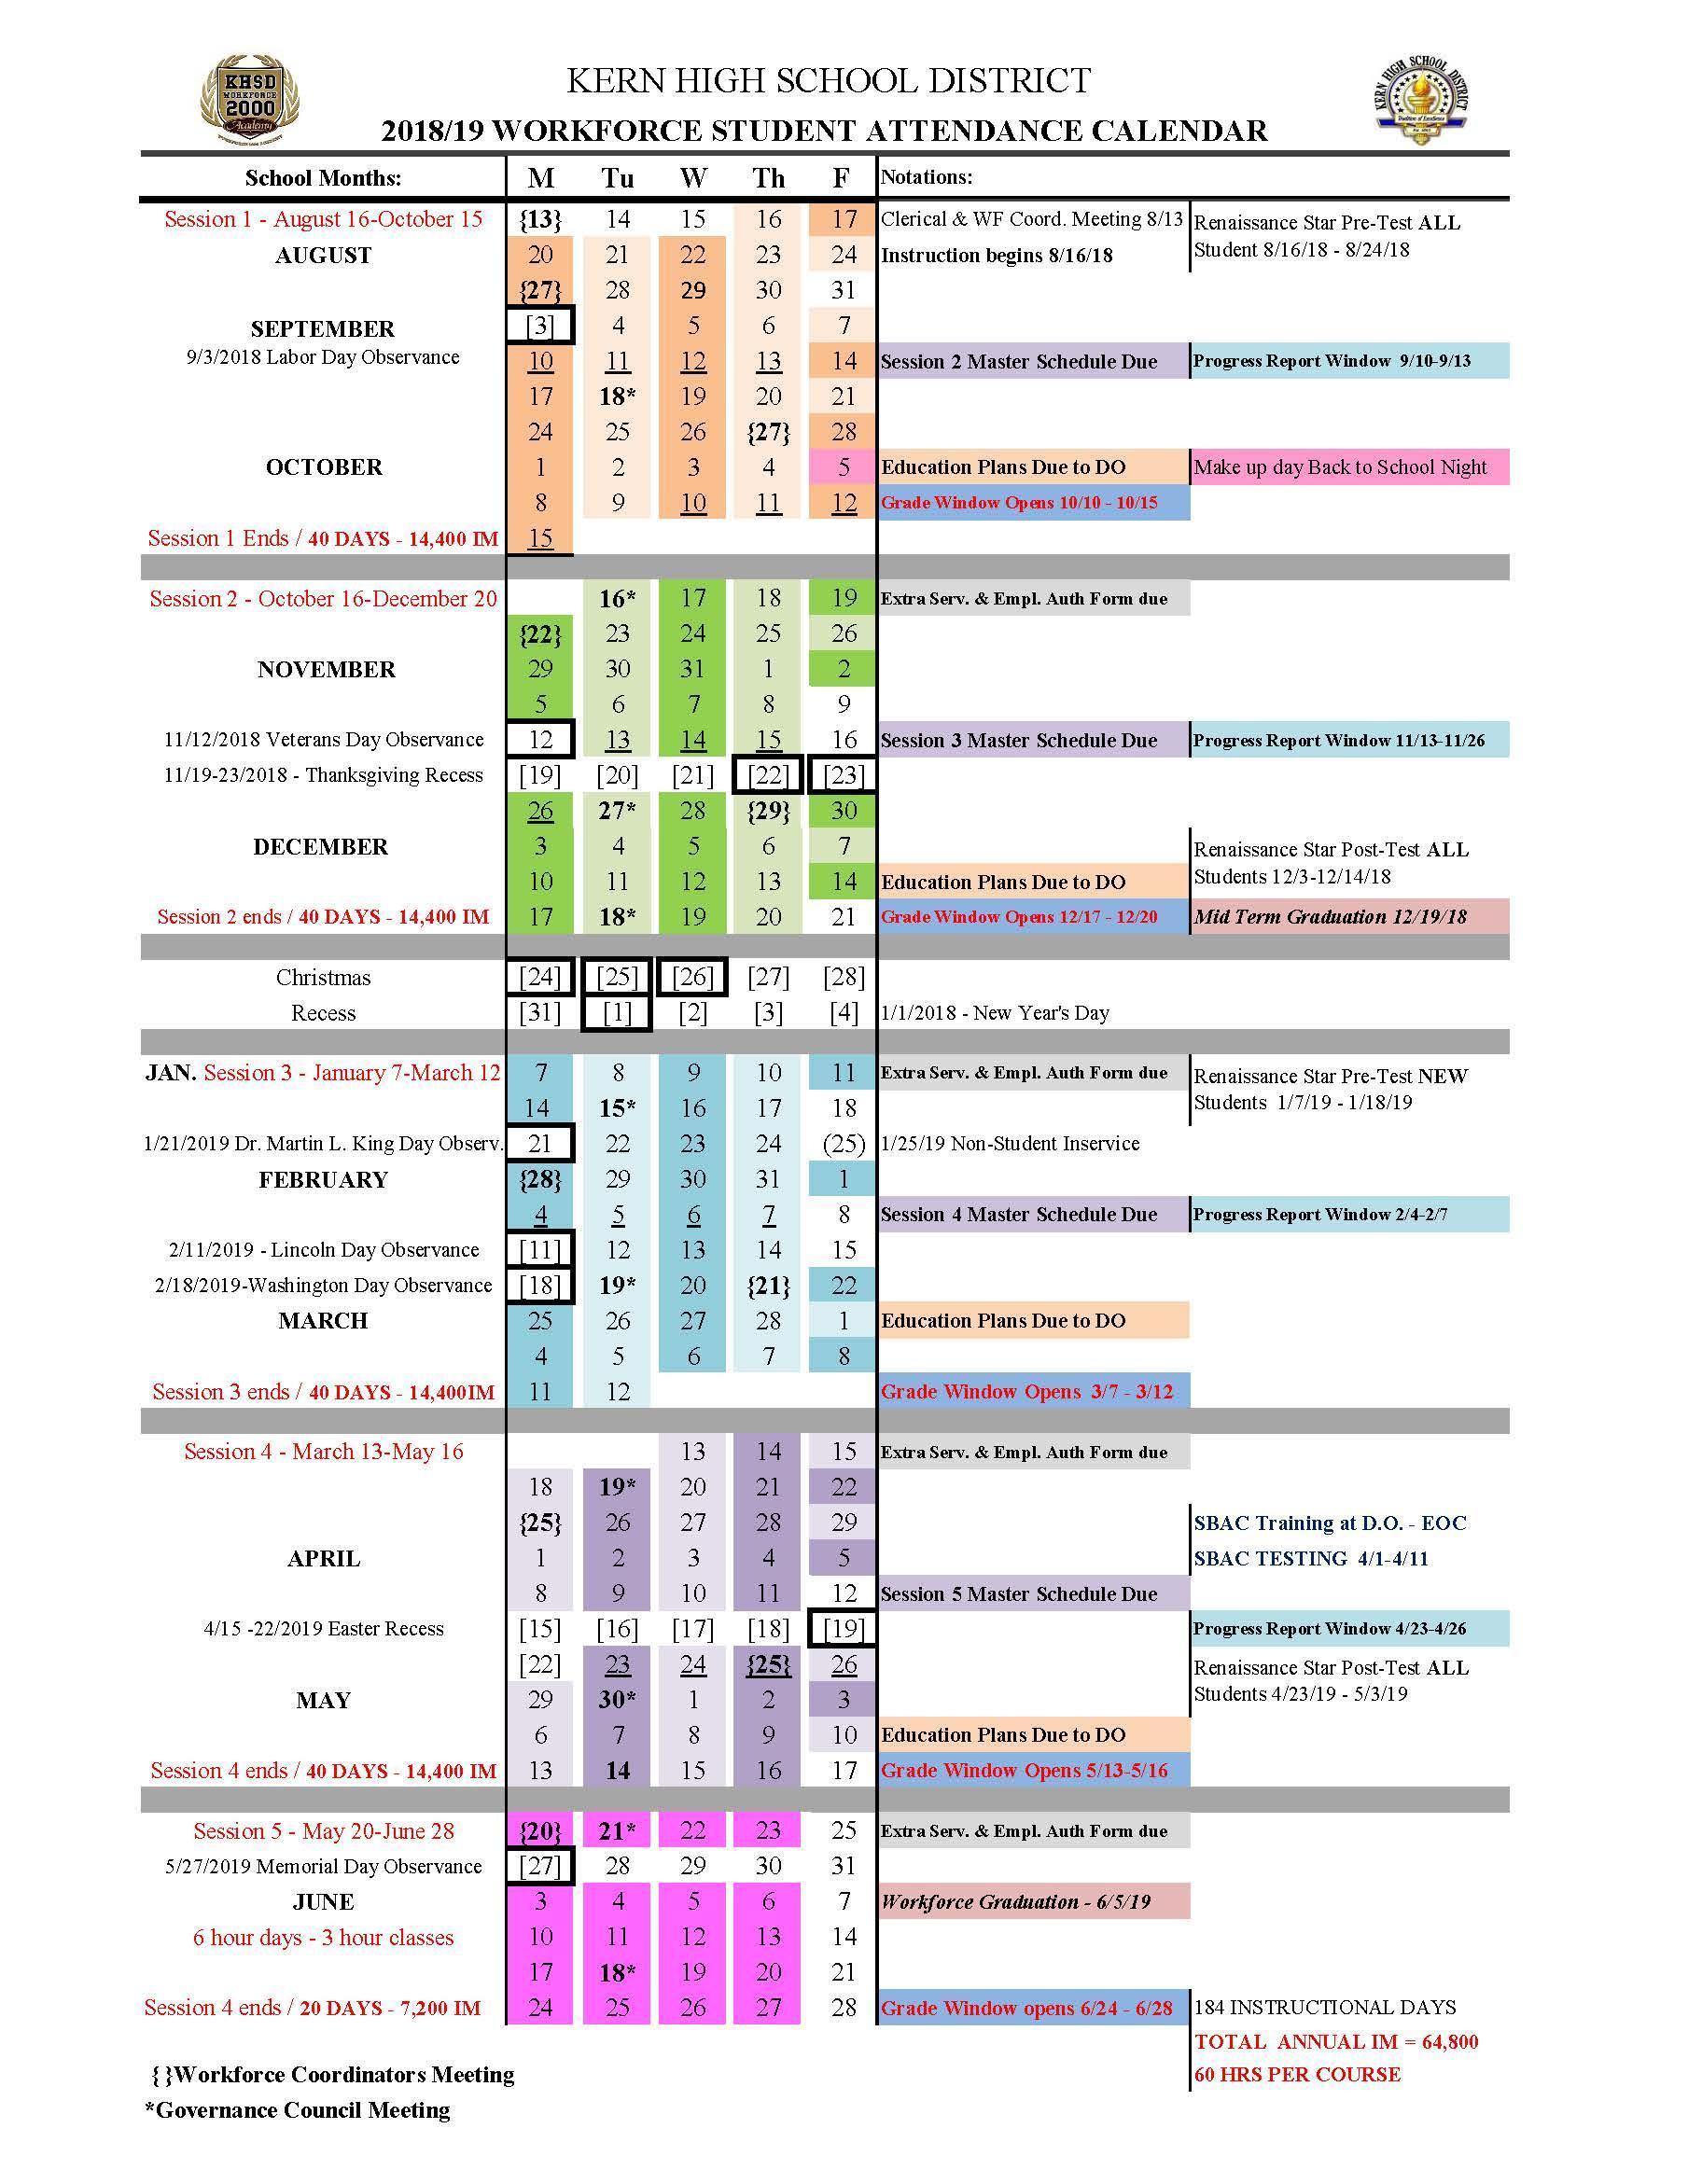 WF Student Attendance Calendar 2018.19